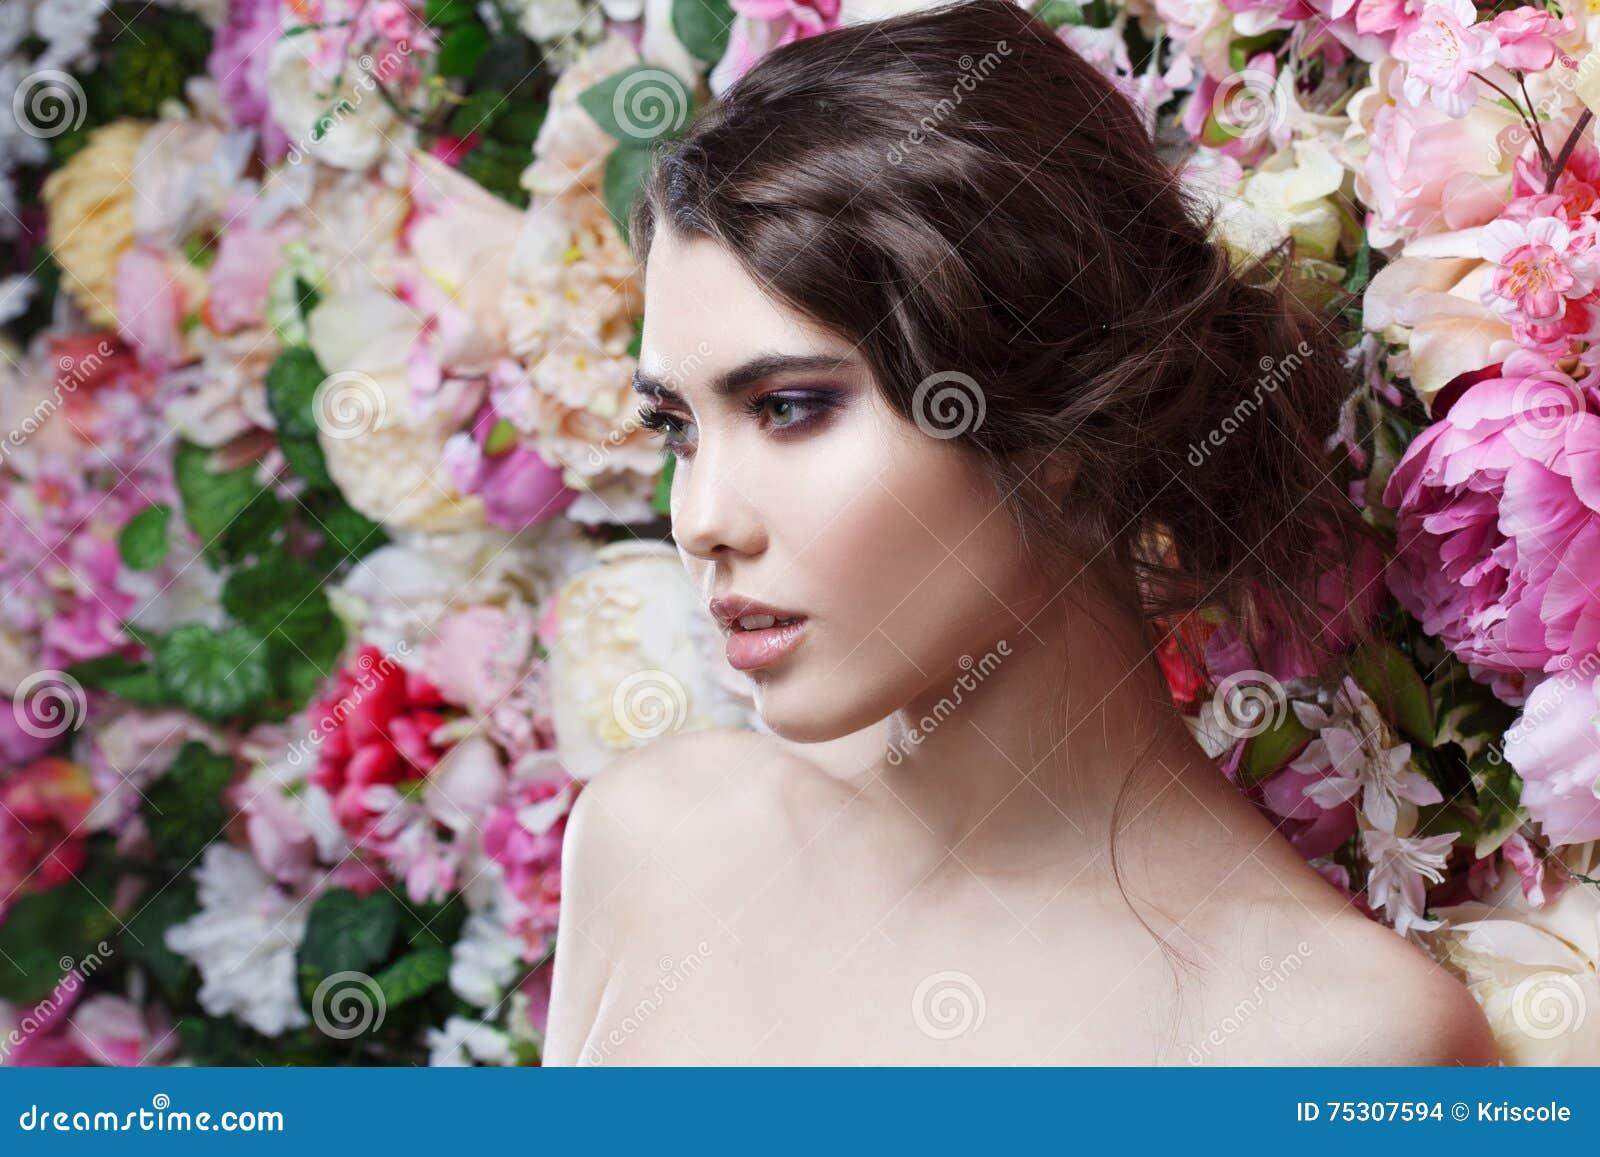 Profil Piękna Mody Dziewczyna Cukierki Zmysłowy Piękny Makeup I